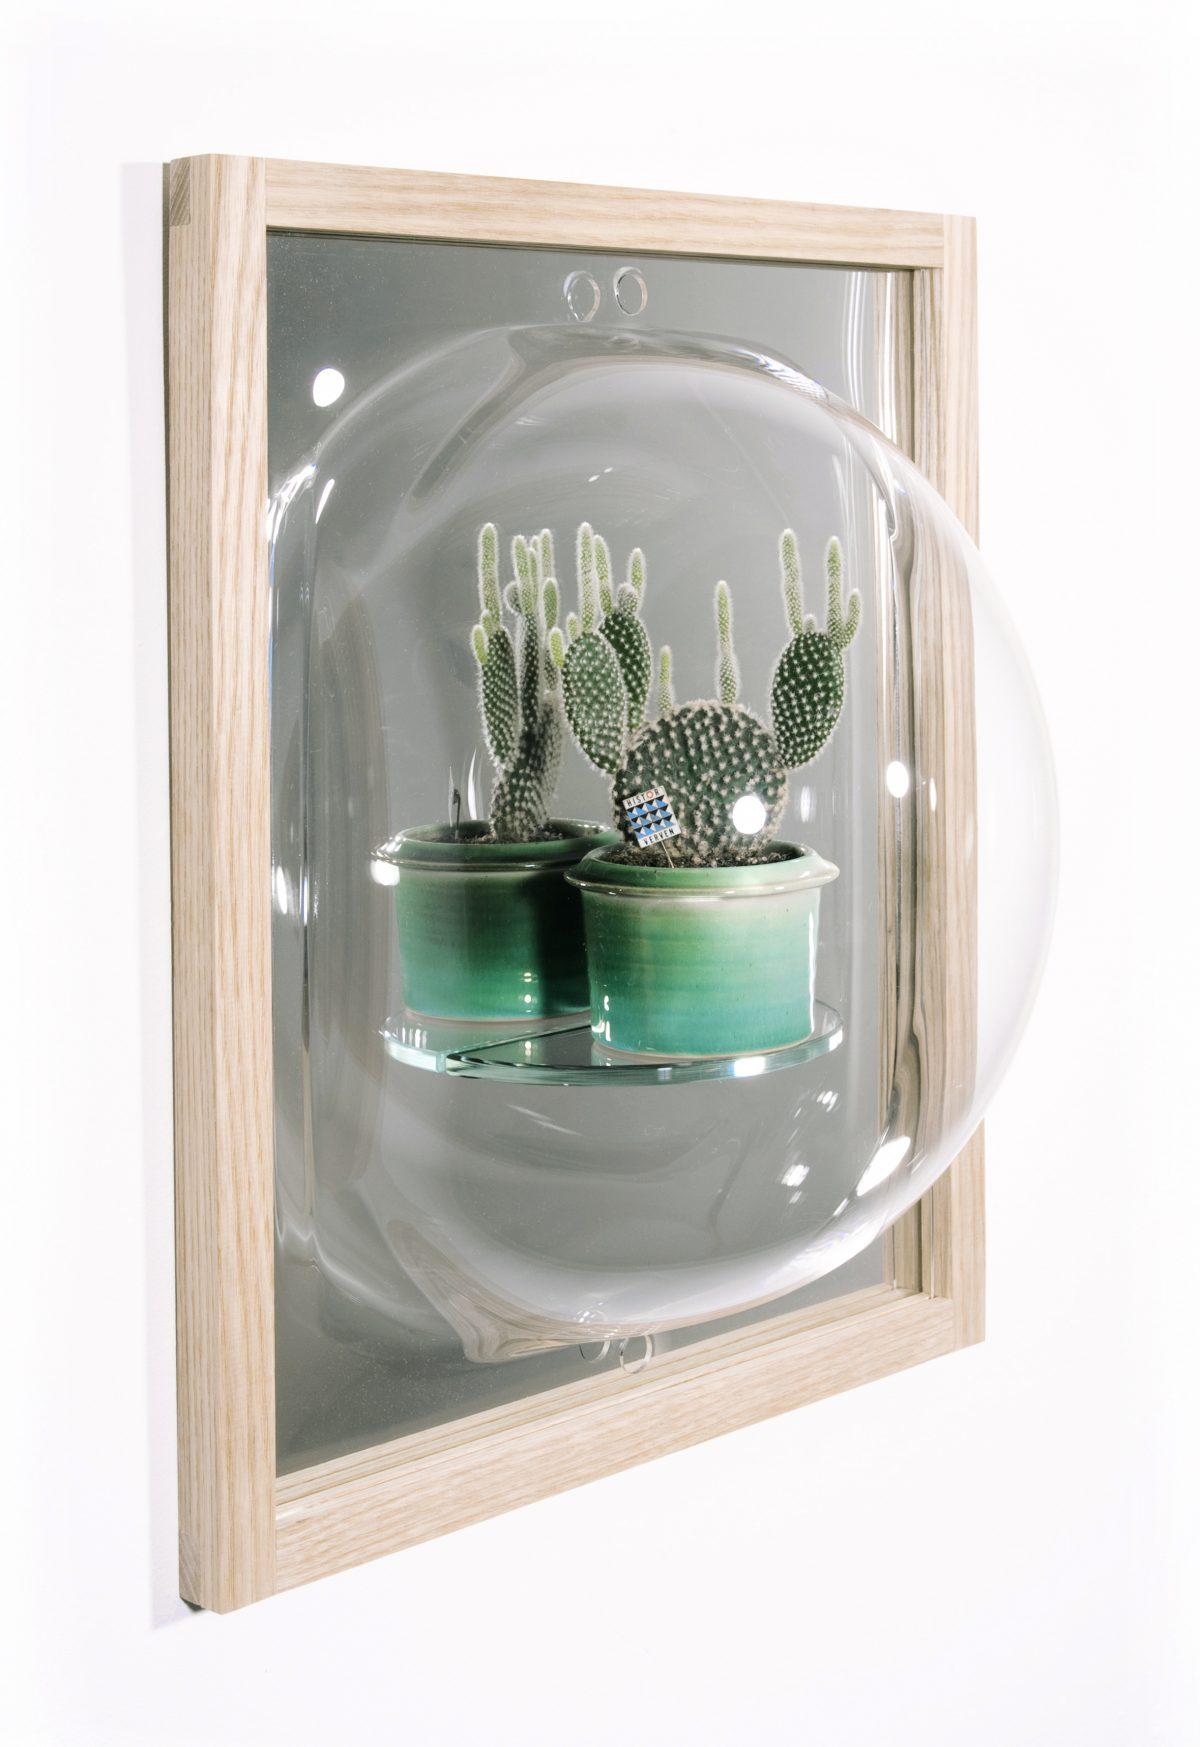 CuratorCabinet-showcase_mirror-cactus-Studio_Thier&vanDaalen1